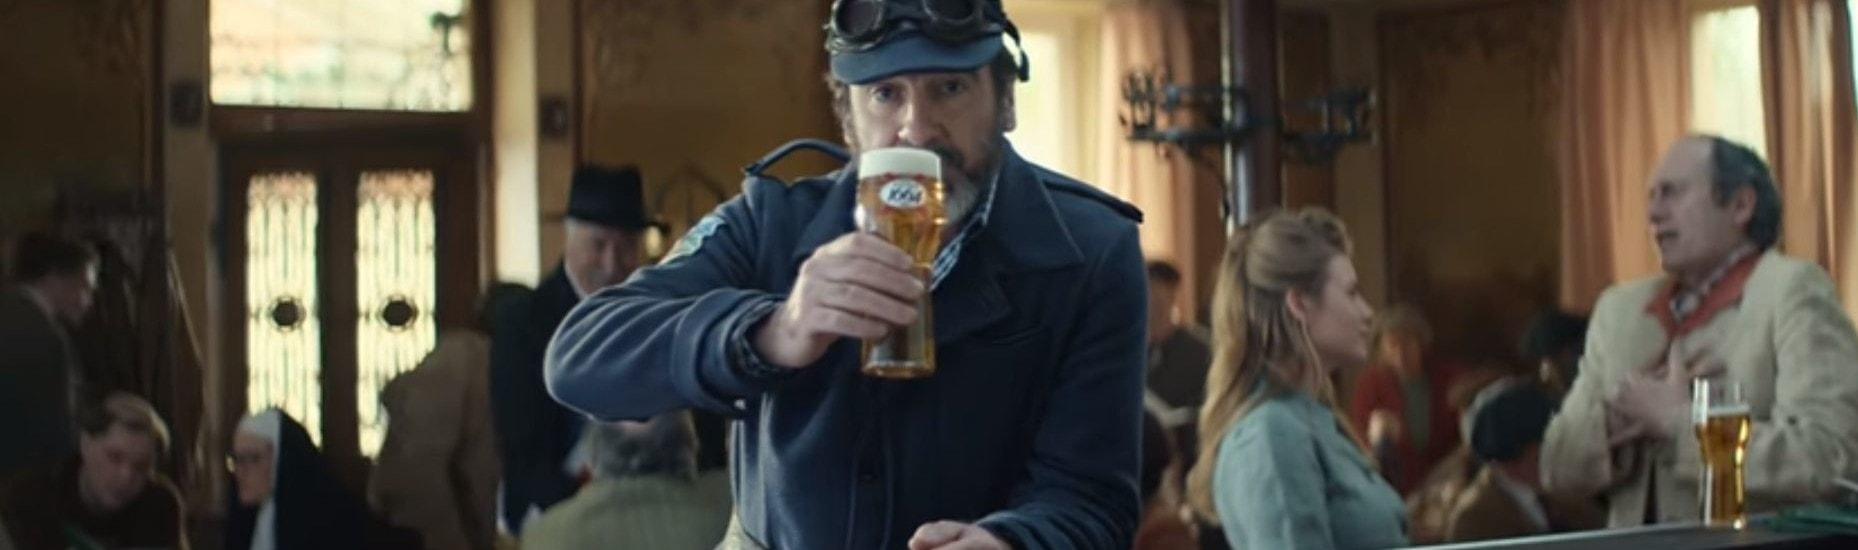 Éric Cantona refait le coup de l'Alsace traditionnelle pour Kronenbourg